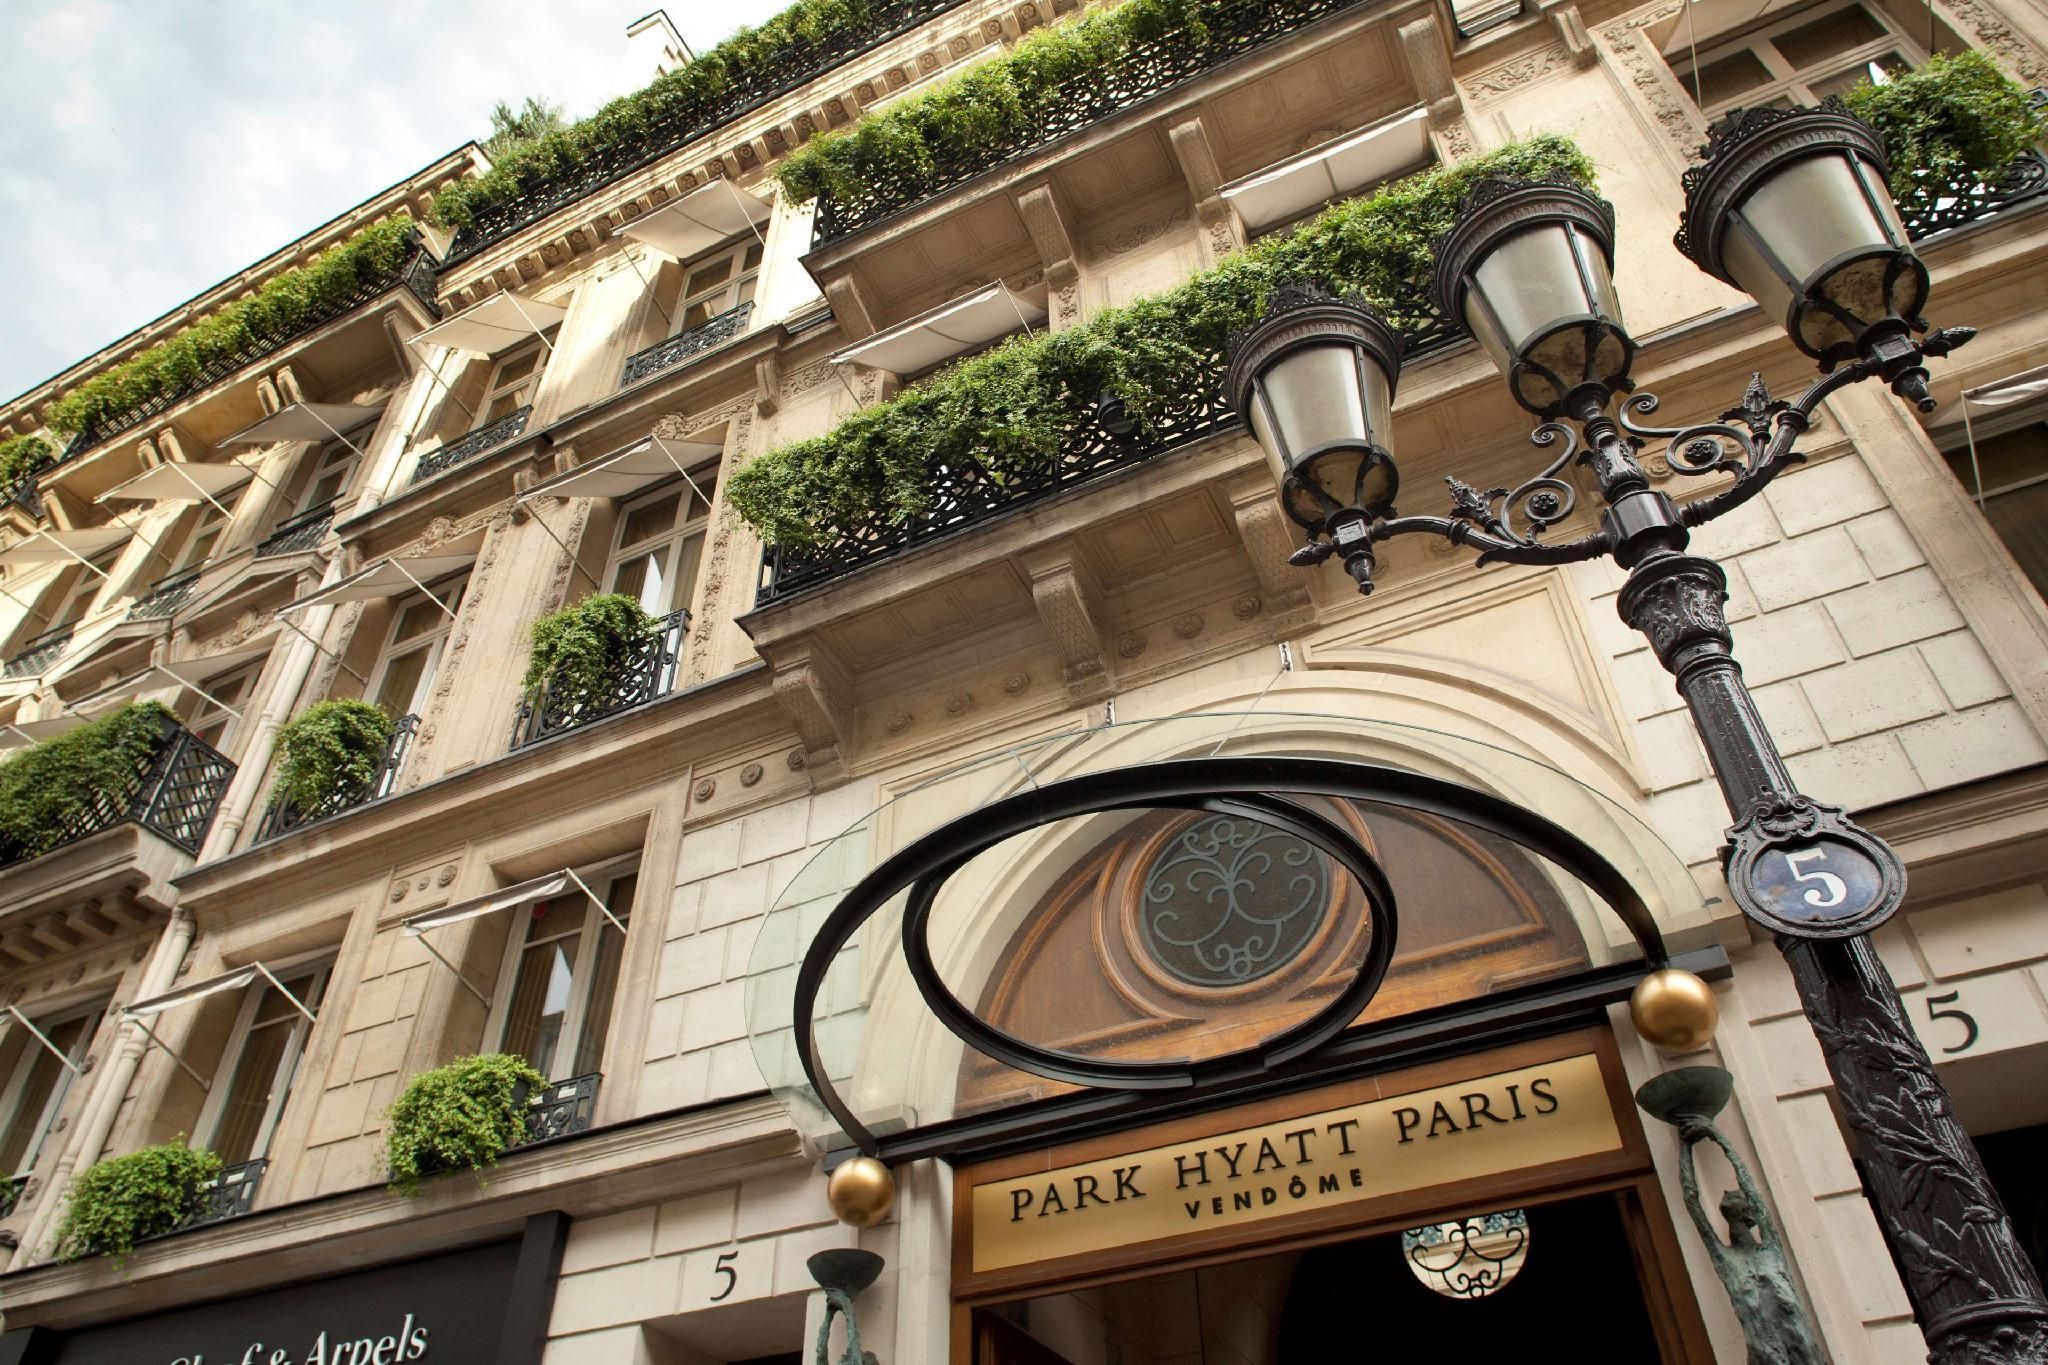 Park Hyatt Vendome Hotel